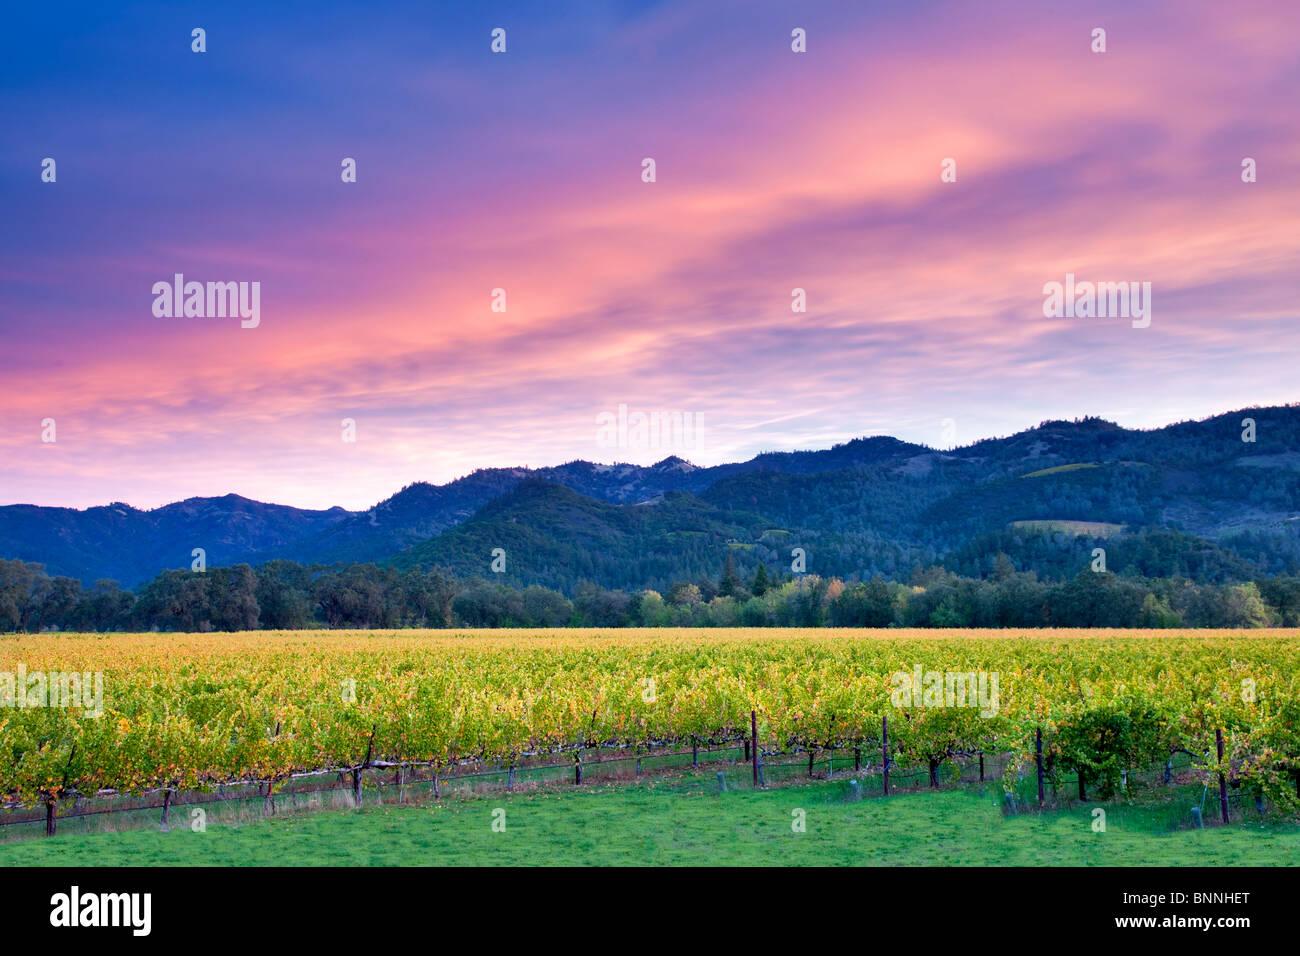 Sonnenaufgang über dem Napa Valley Weinberg mit Herbstfarben. California Stockfoto